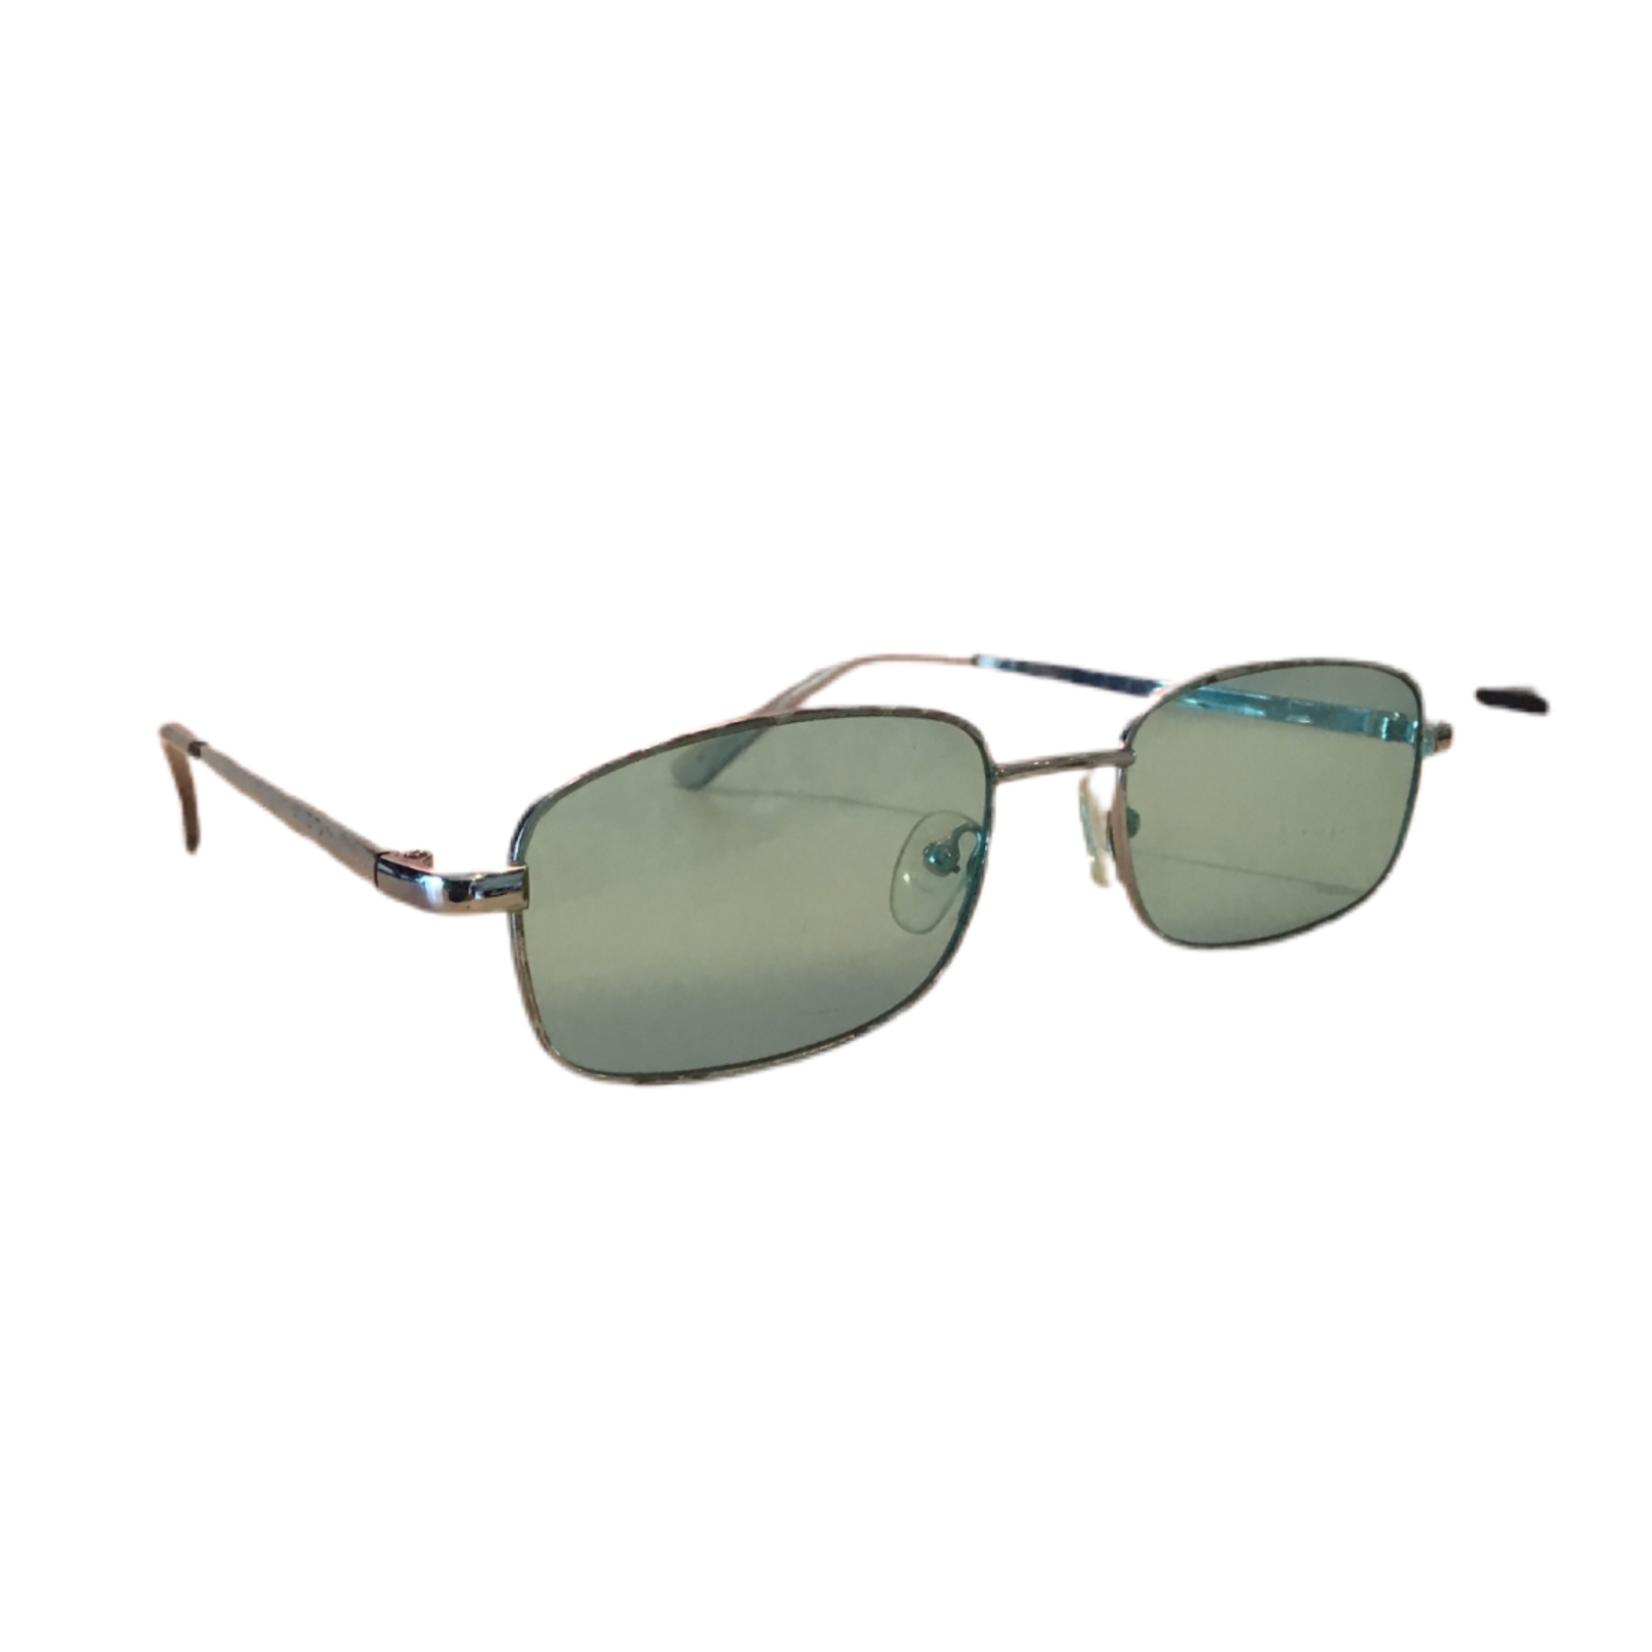 Montauk Runoff Rain Sunglasses - Blue